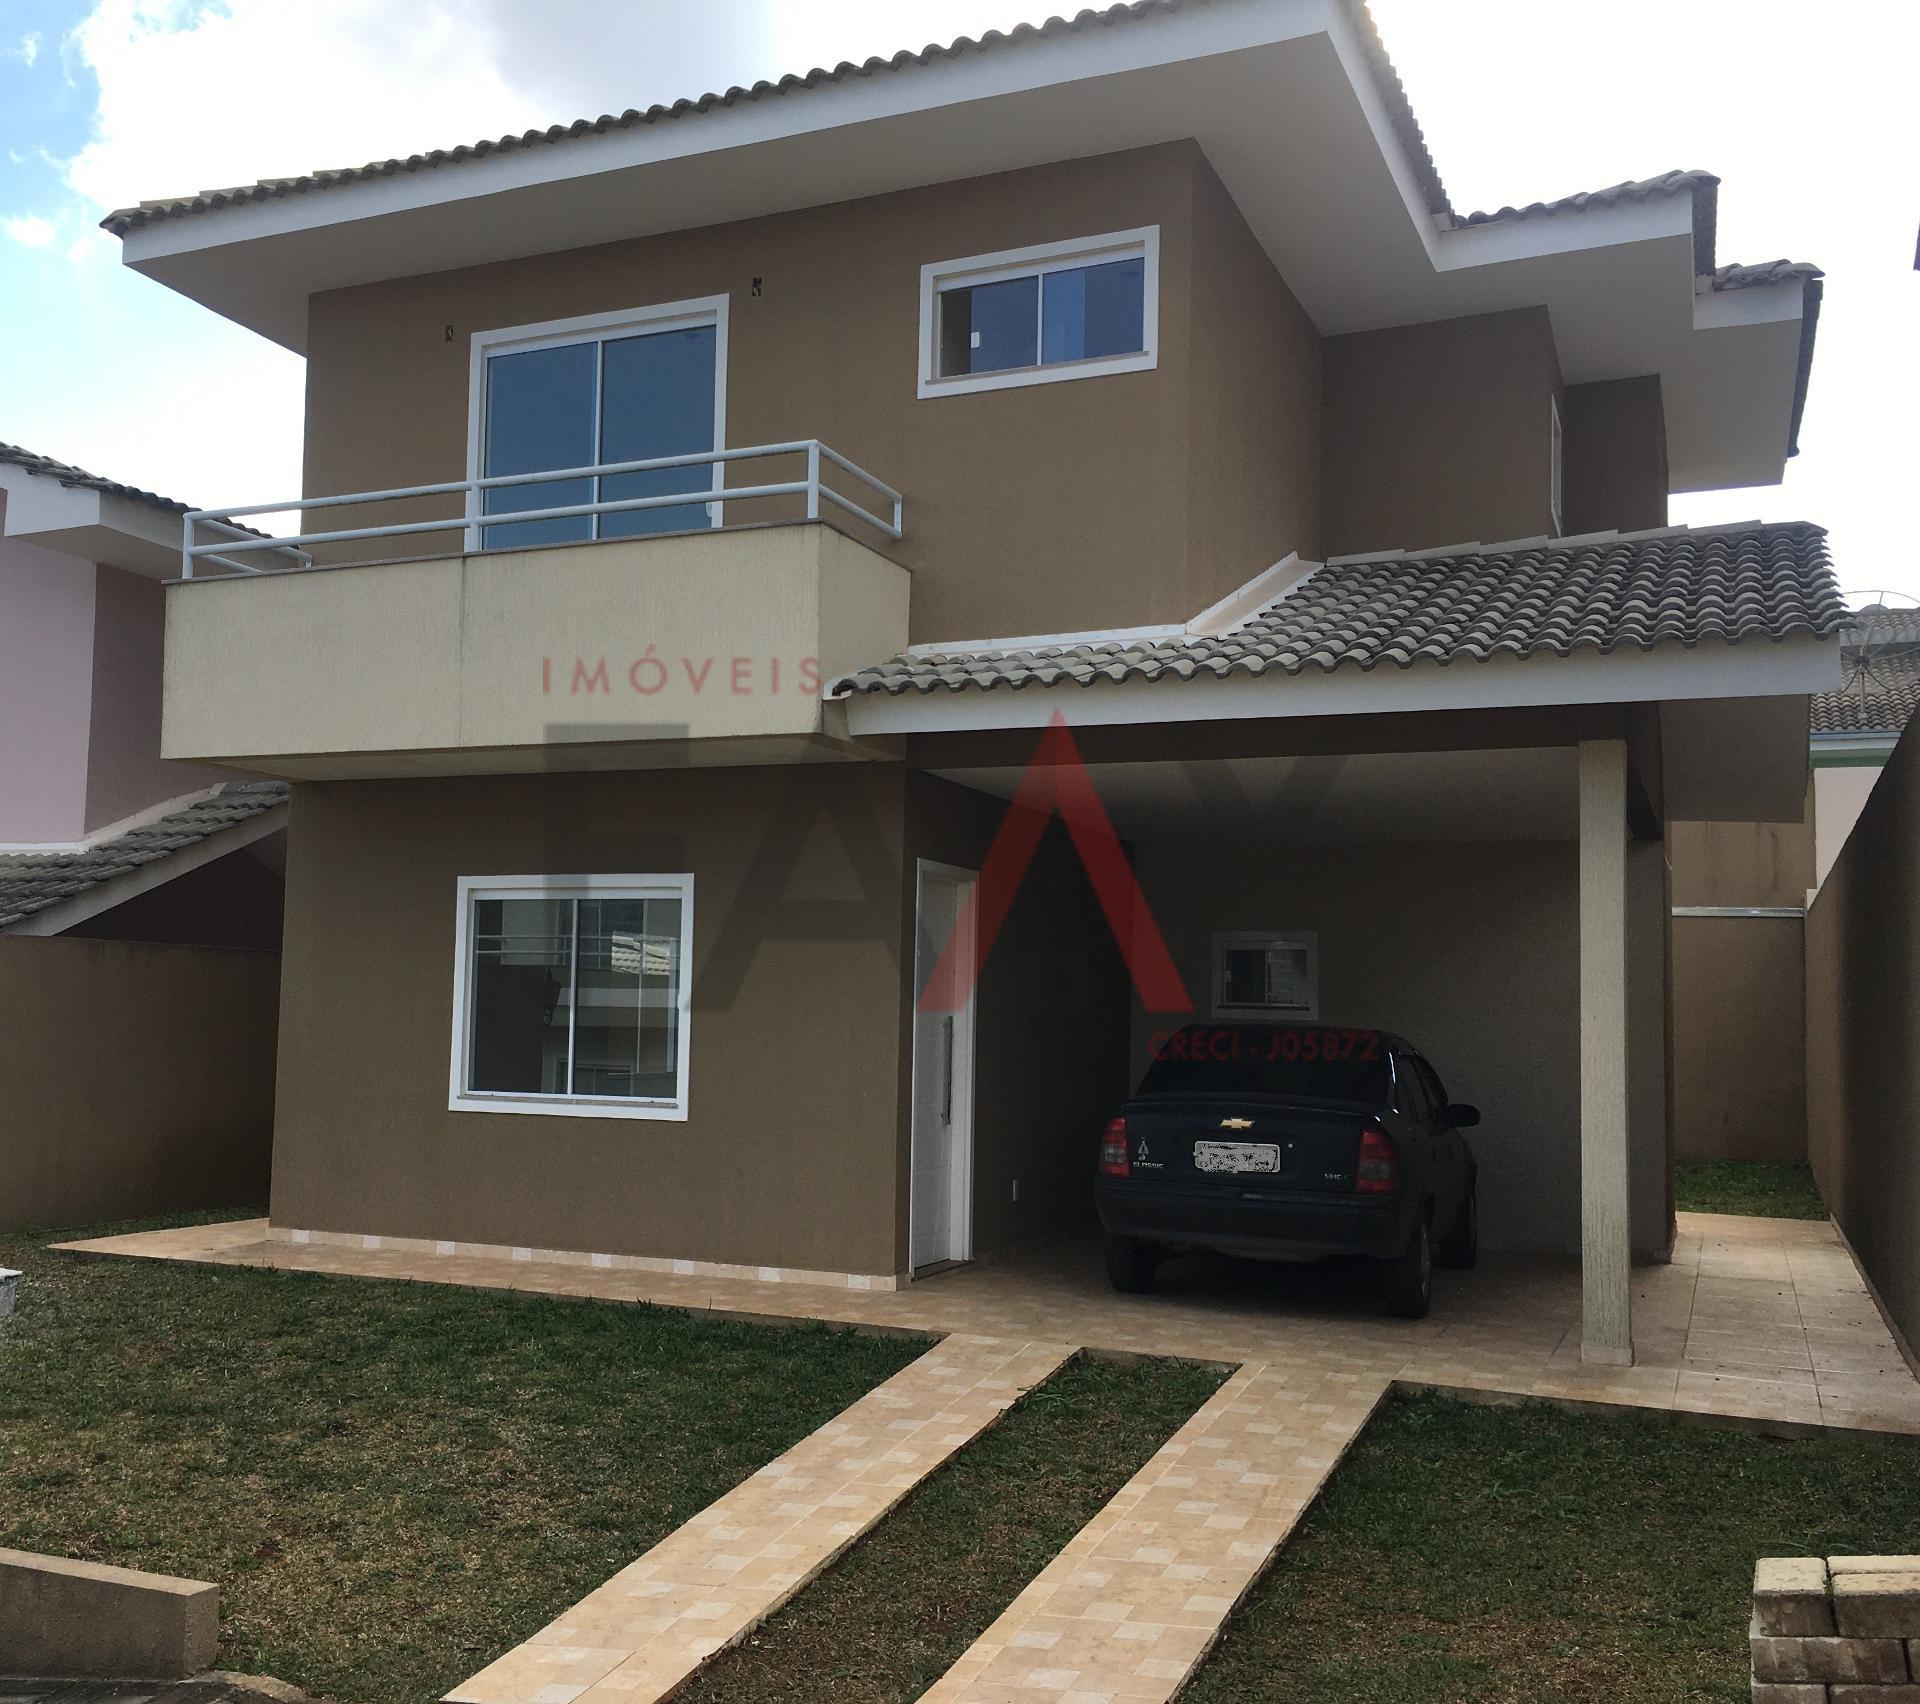 Sobrado com 3 dormitórios à venda, Alto da XV, GUARAPUAVA - PR